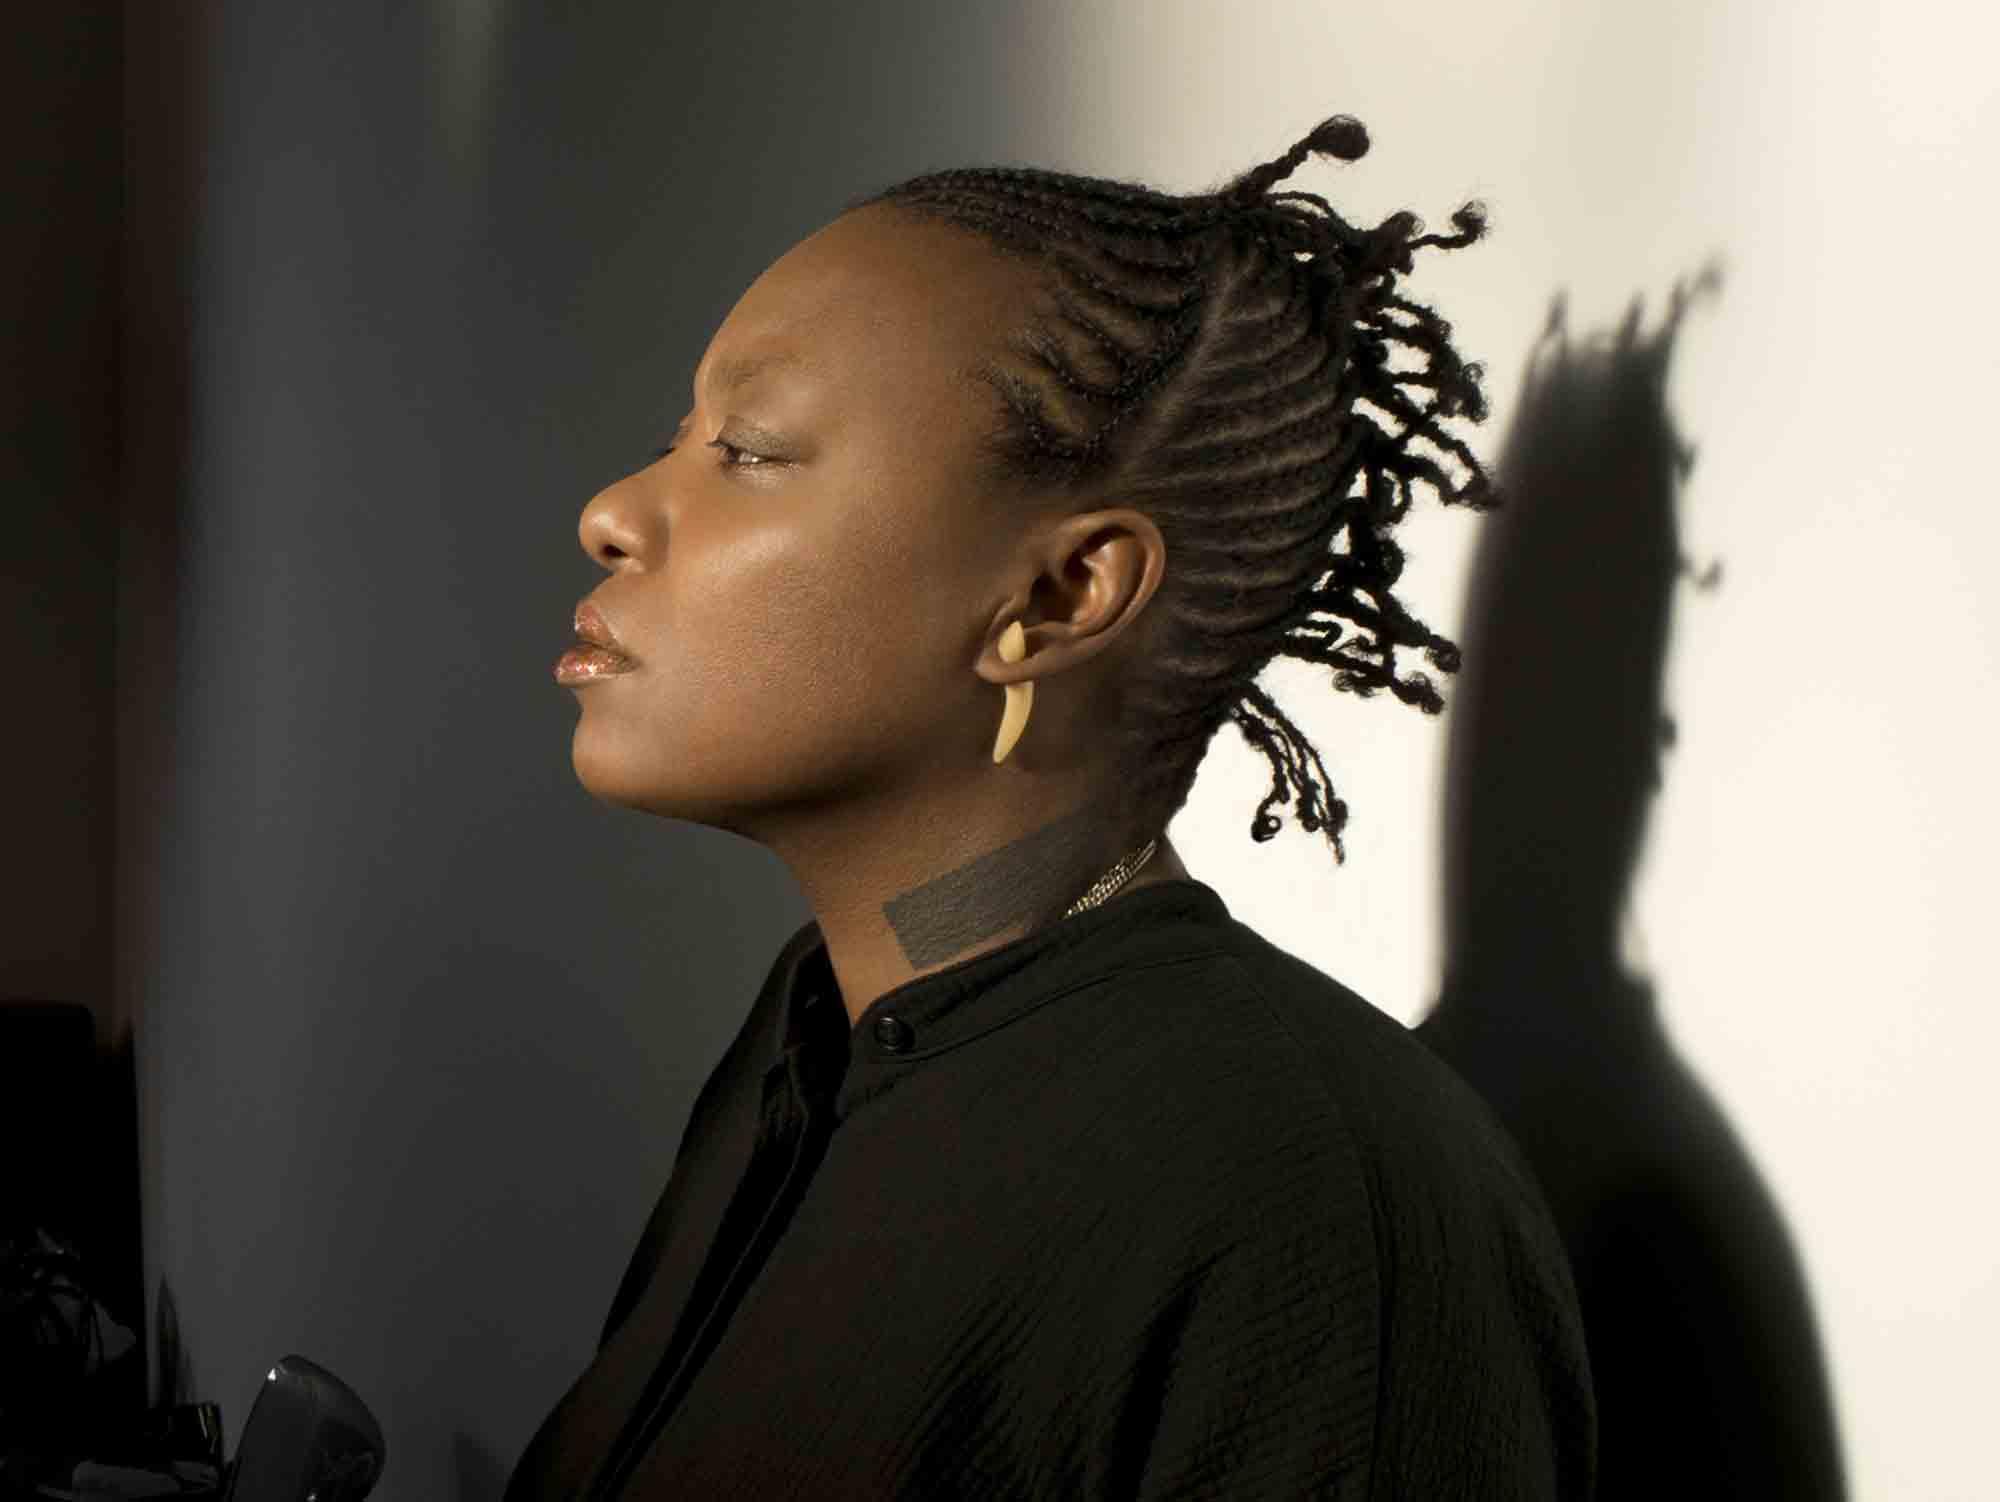 スワヒリ語で「鳥のように自由」という意味の名を持つ旧西ドイツ出身の女性ベーシスト、ミシェル・ンデゲオチェロ